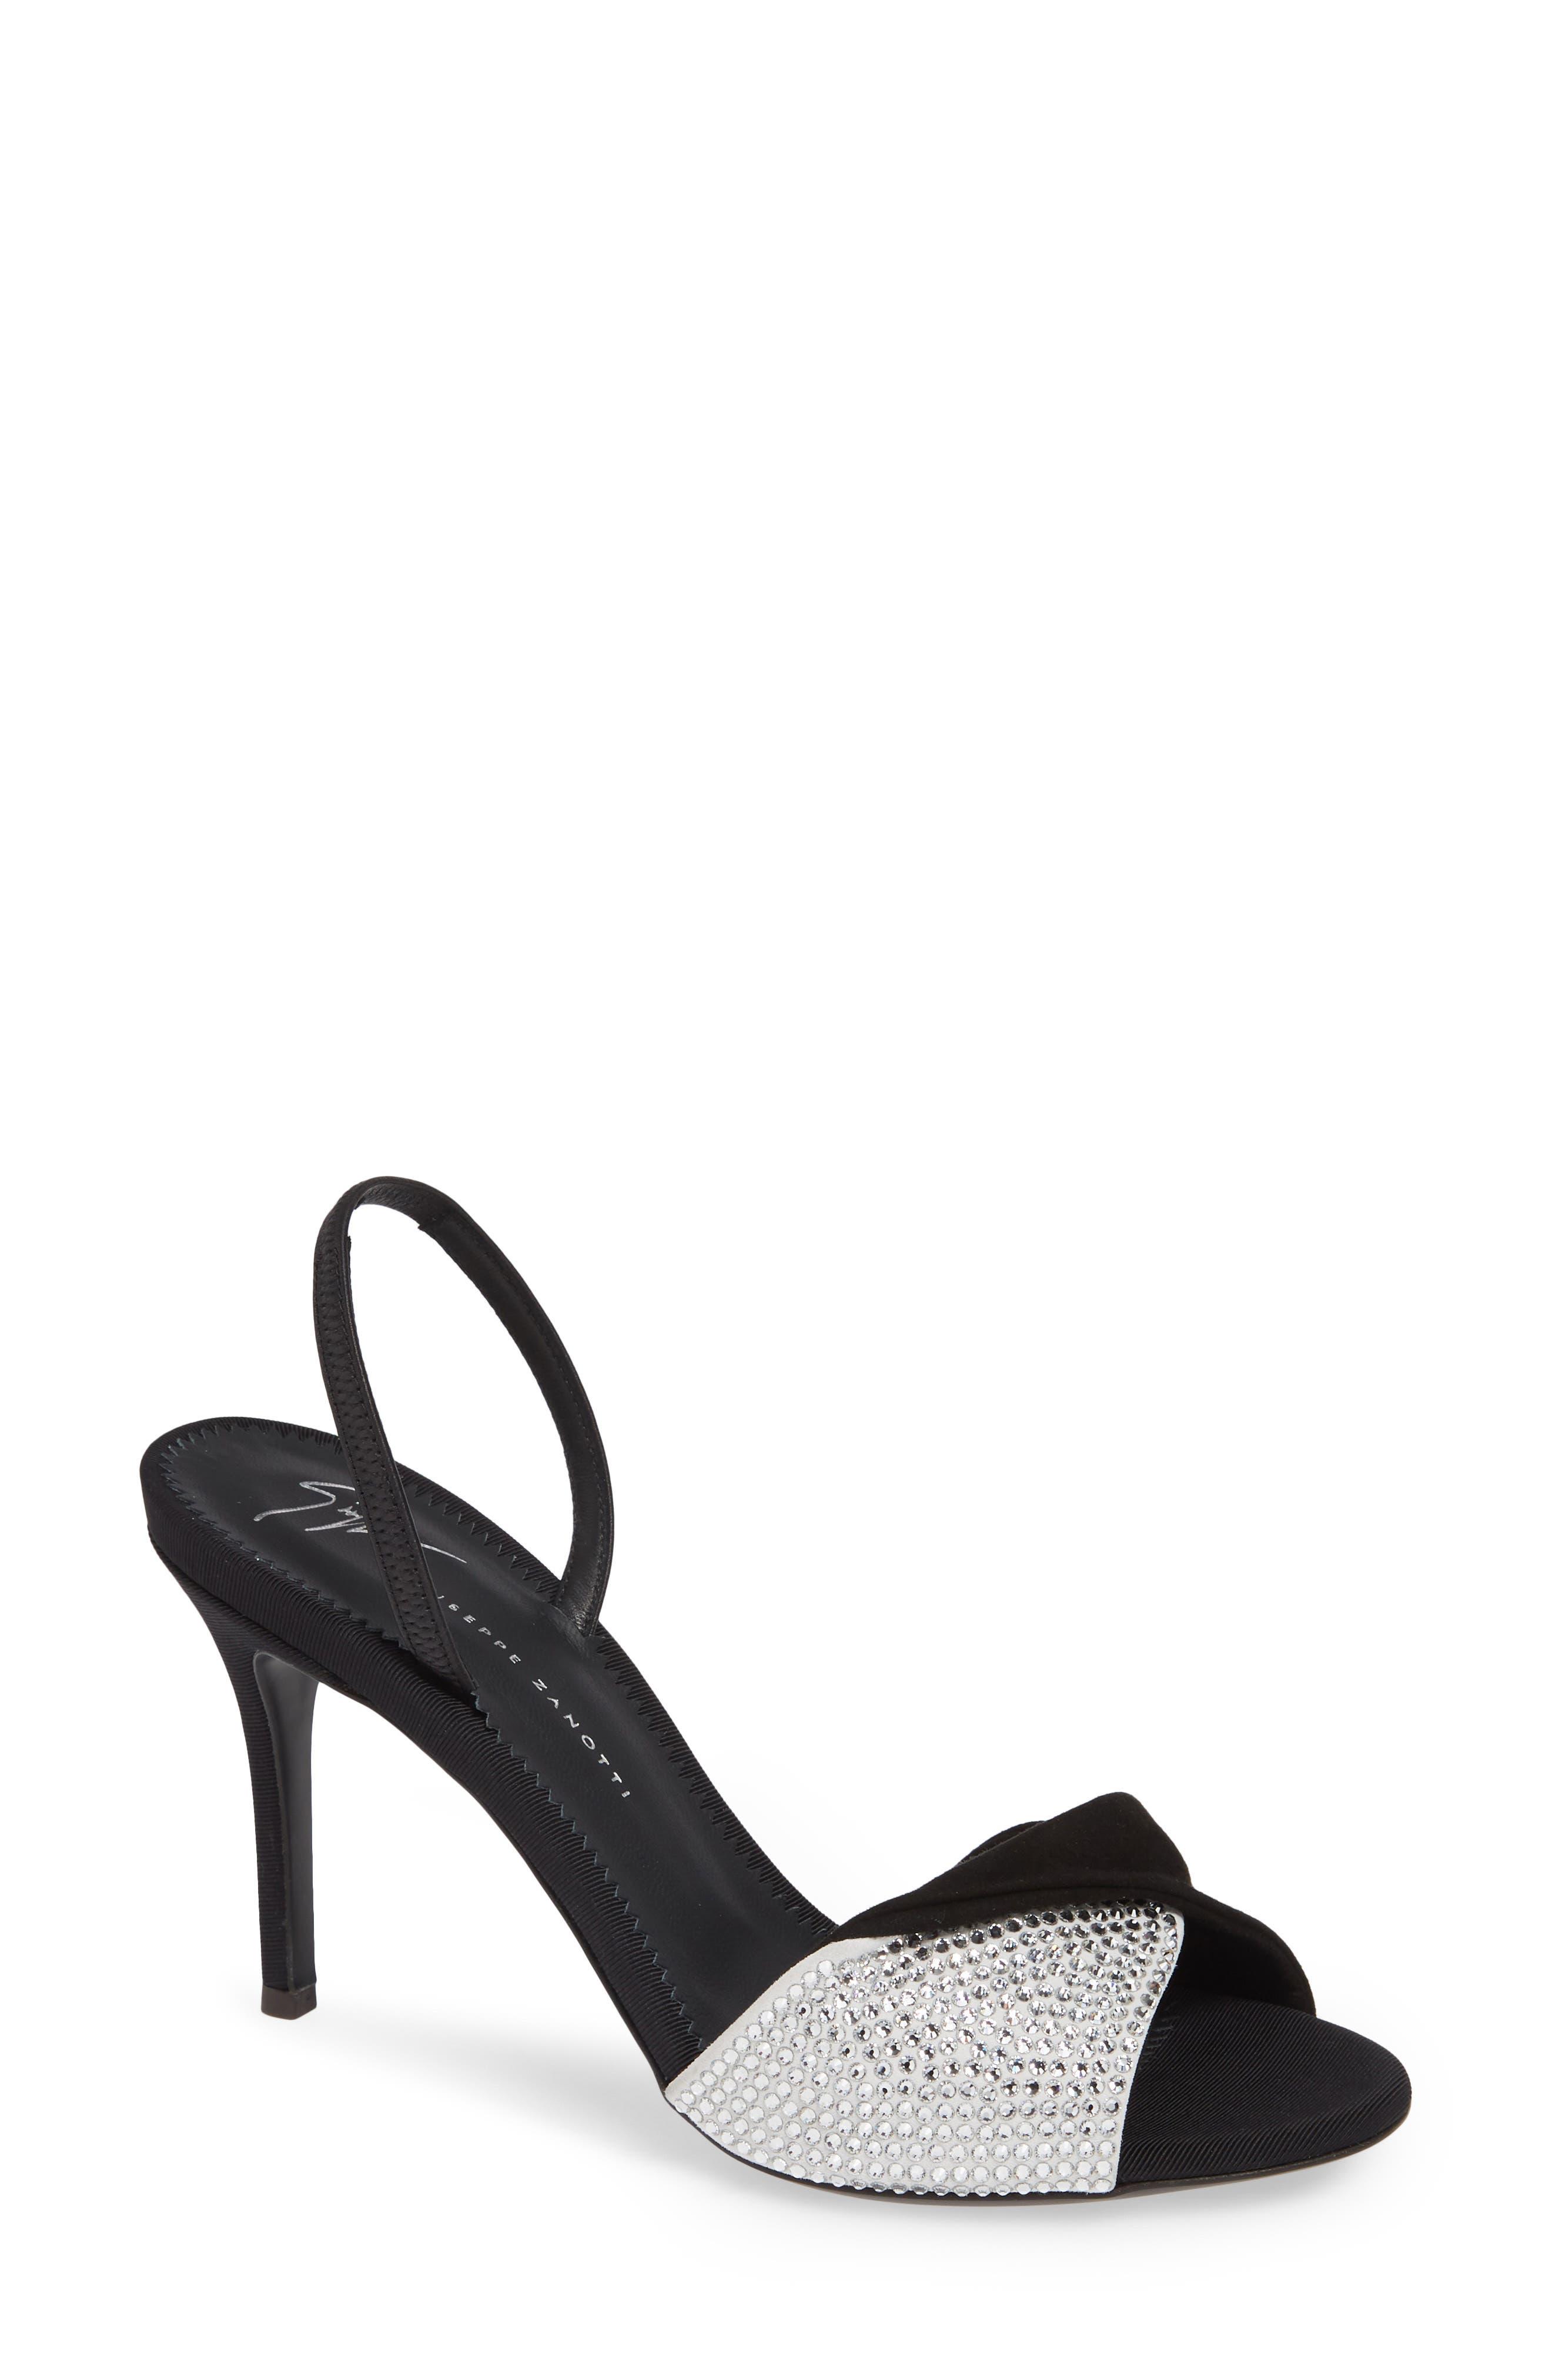 Swarovski Crystal Embellished Slingback Sandal, Main, color, BLACK